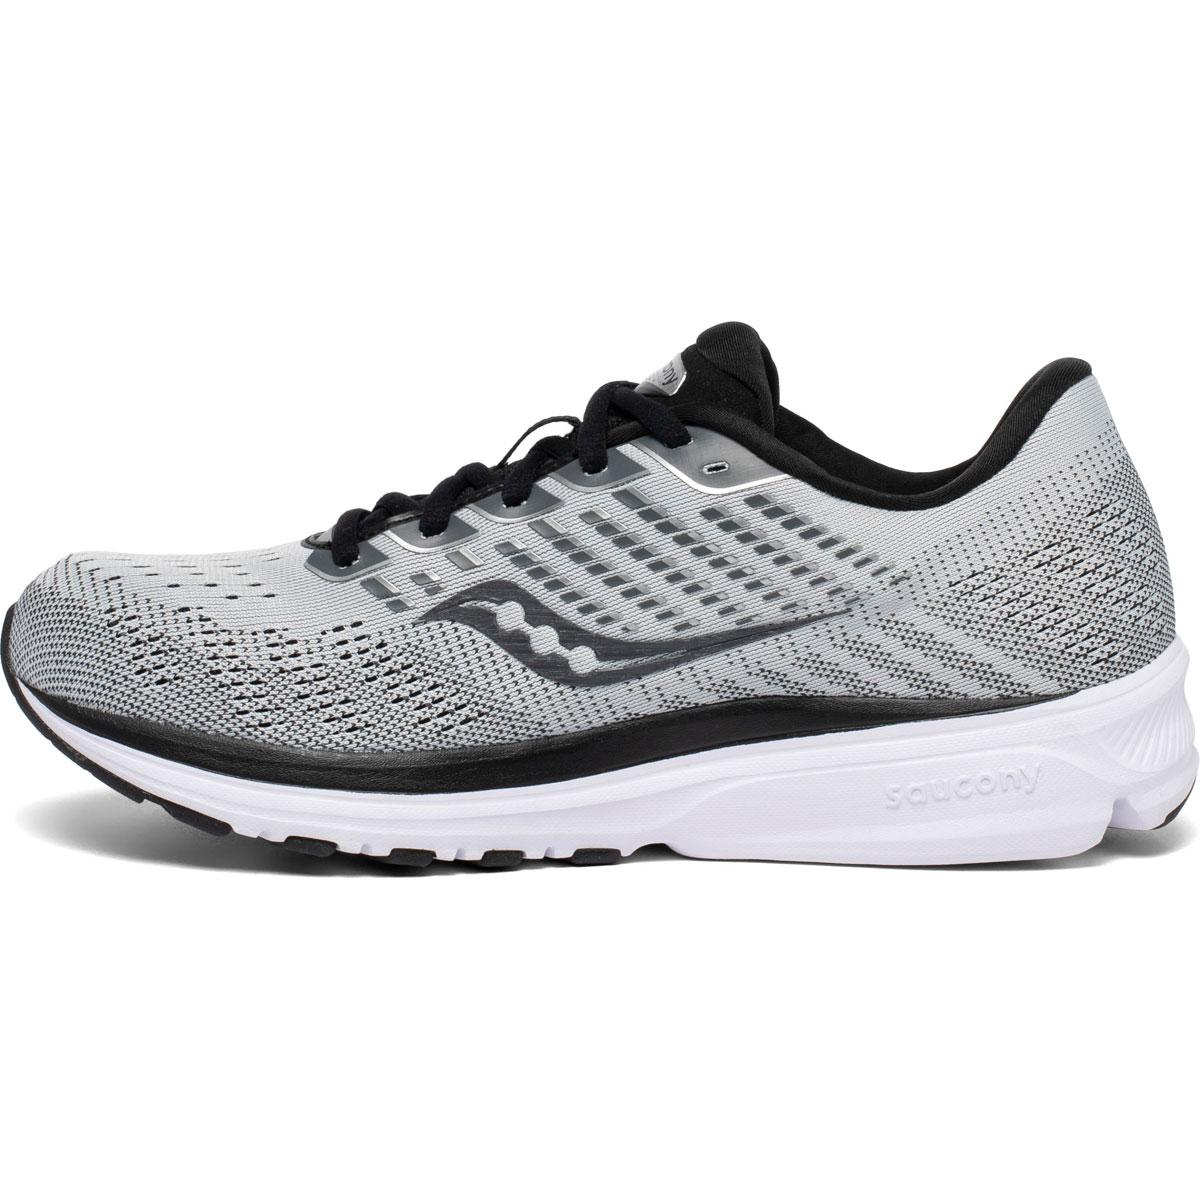 Men's Saucony Ride 13 Running Shoe - Color: Alloy/Black - Size: 7 - Width: Regular, Alloy/Black, large, image 2